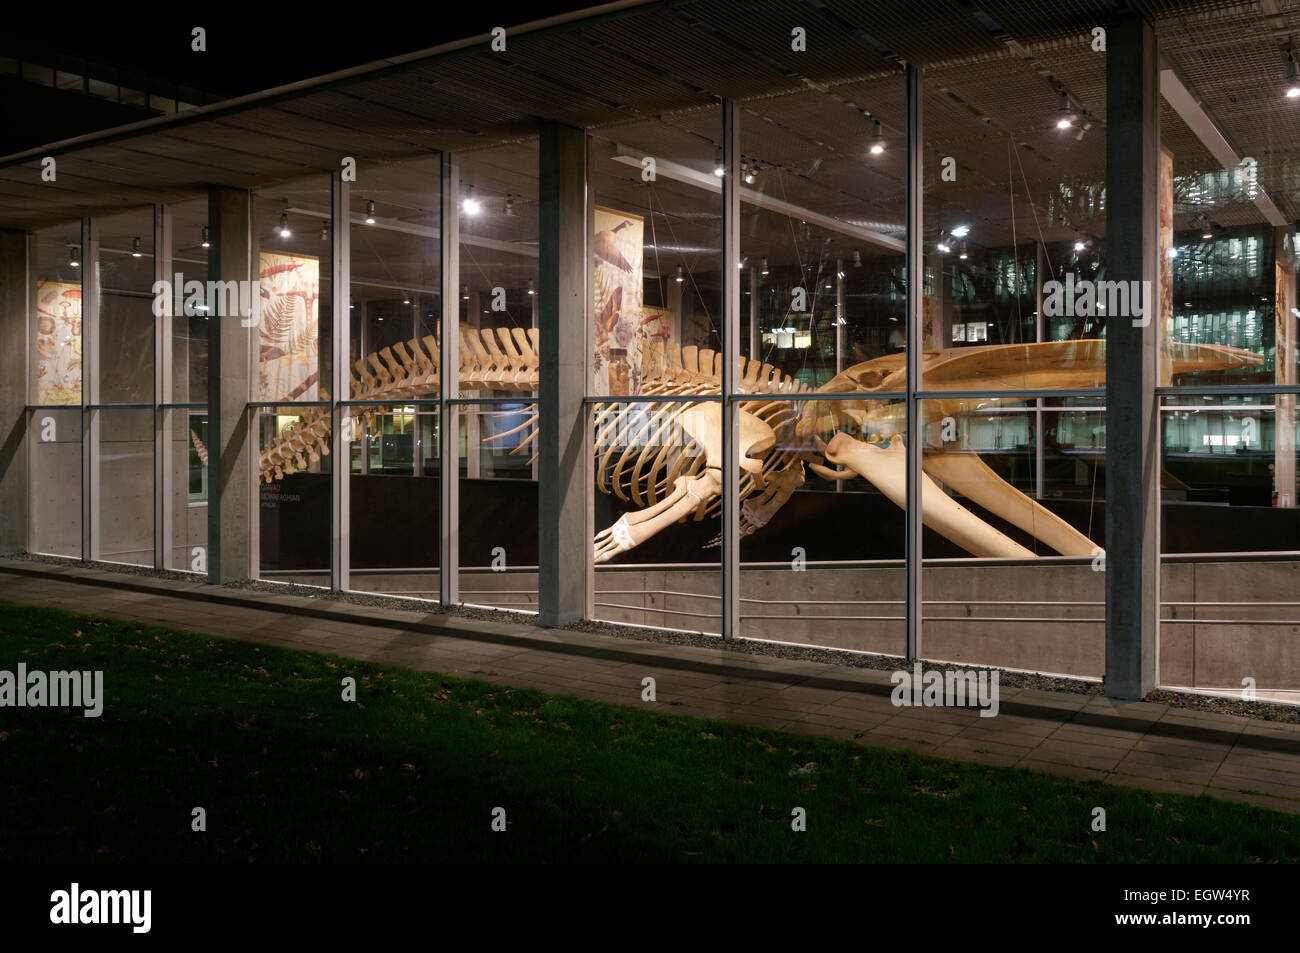 Squelette de rorqual bleu complète la nuit, Beaty Biodiversity Museum, Université de la Colombie-Britannique, Photo Stock